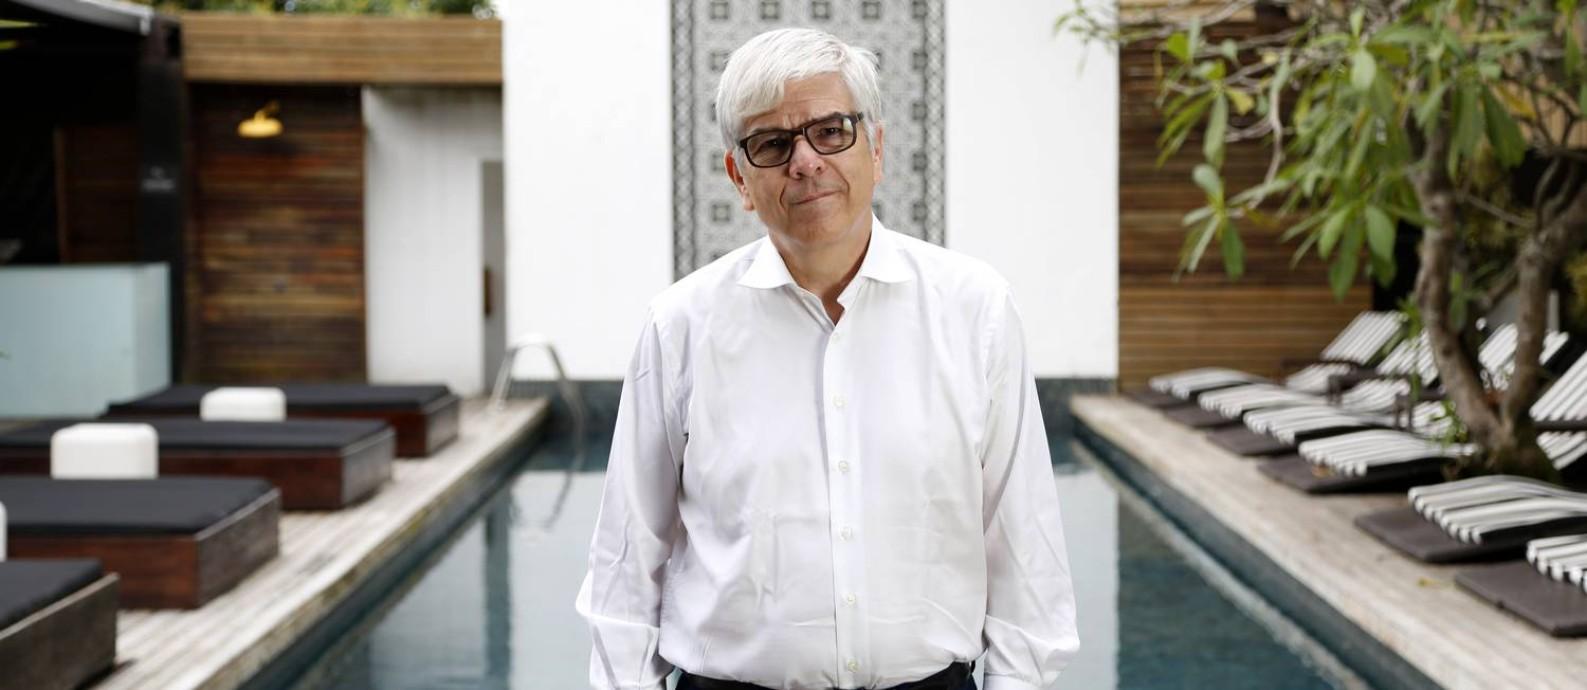 Produtividade baixa. Paul Romer no hotel em que estava hospedado, em Santa Teresa: segundo o economista, o mundo vive níveis incomuns de alta incerteza e baixo investimento Foto: Agência O Globo